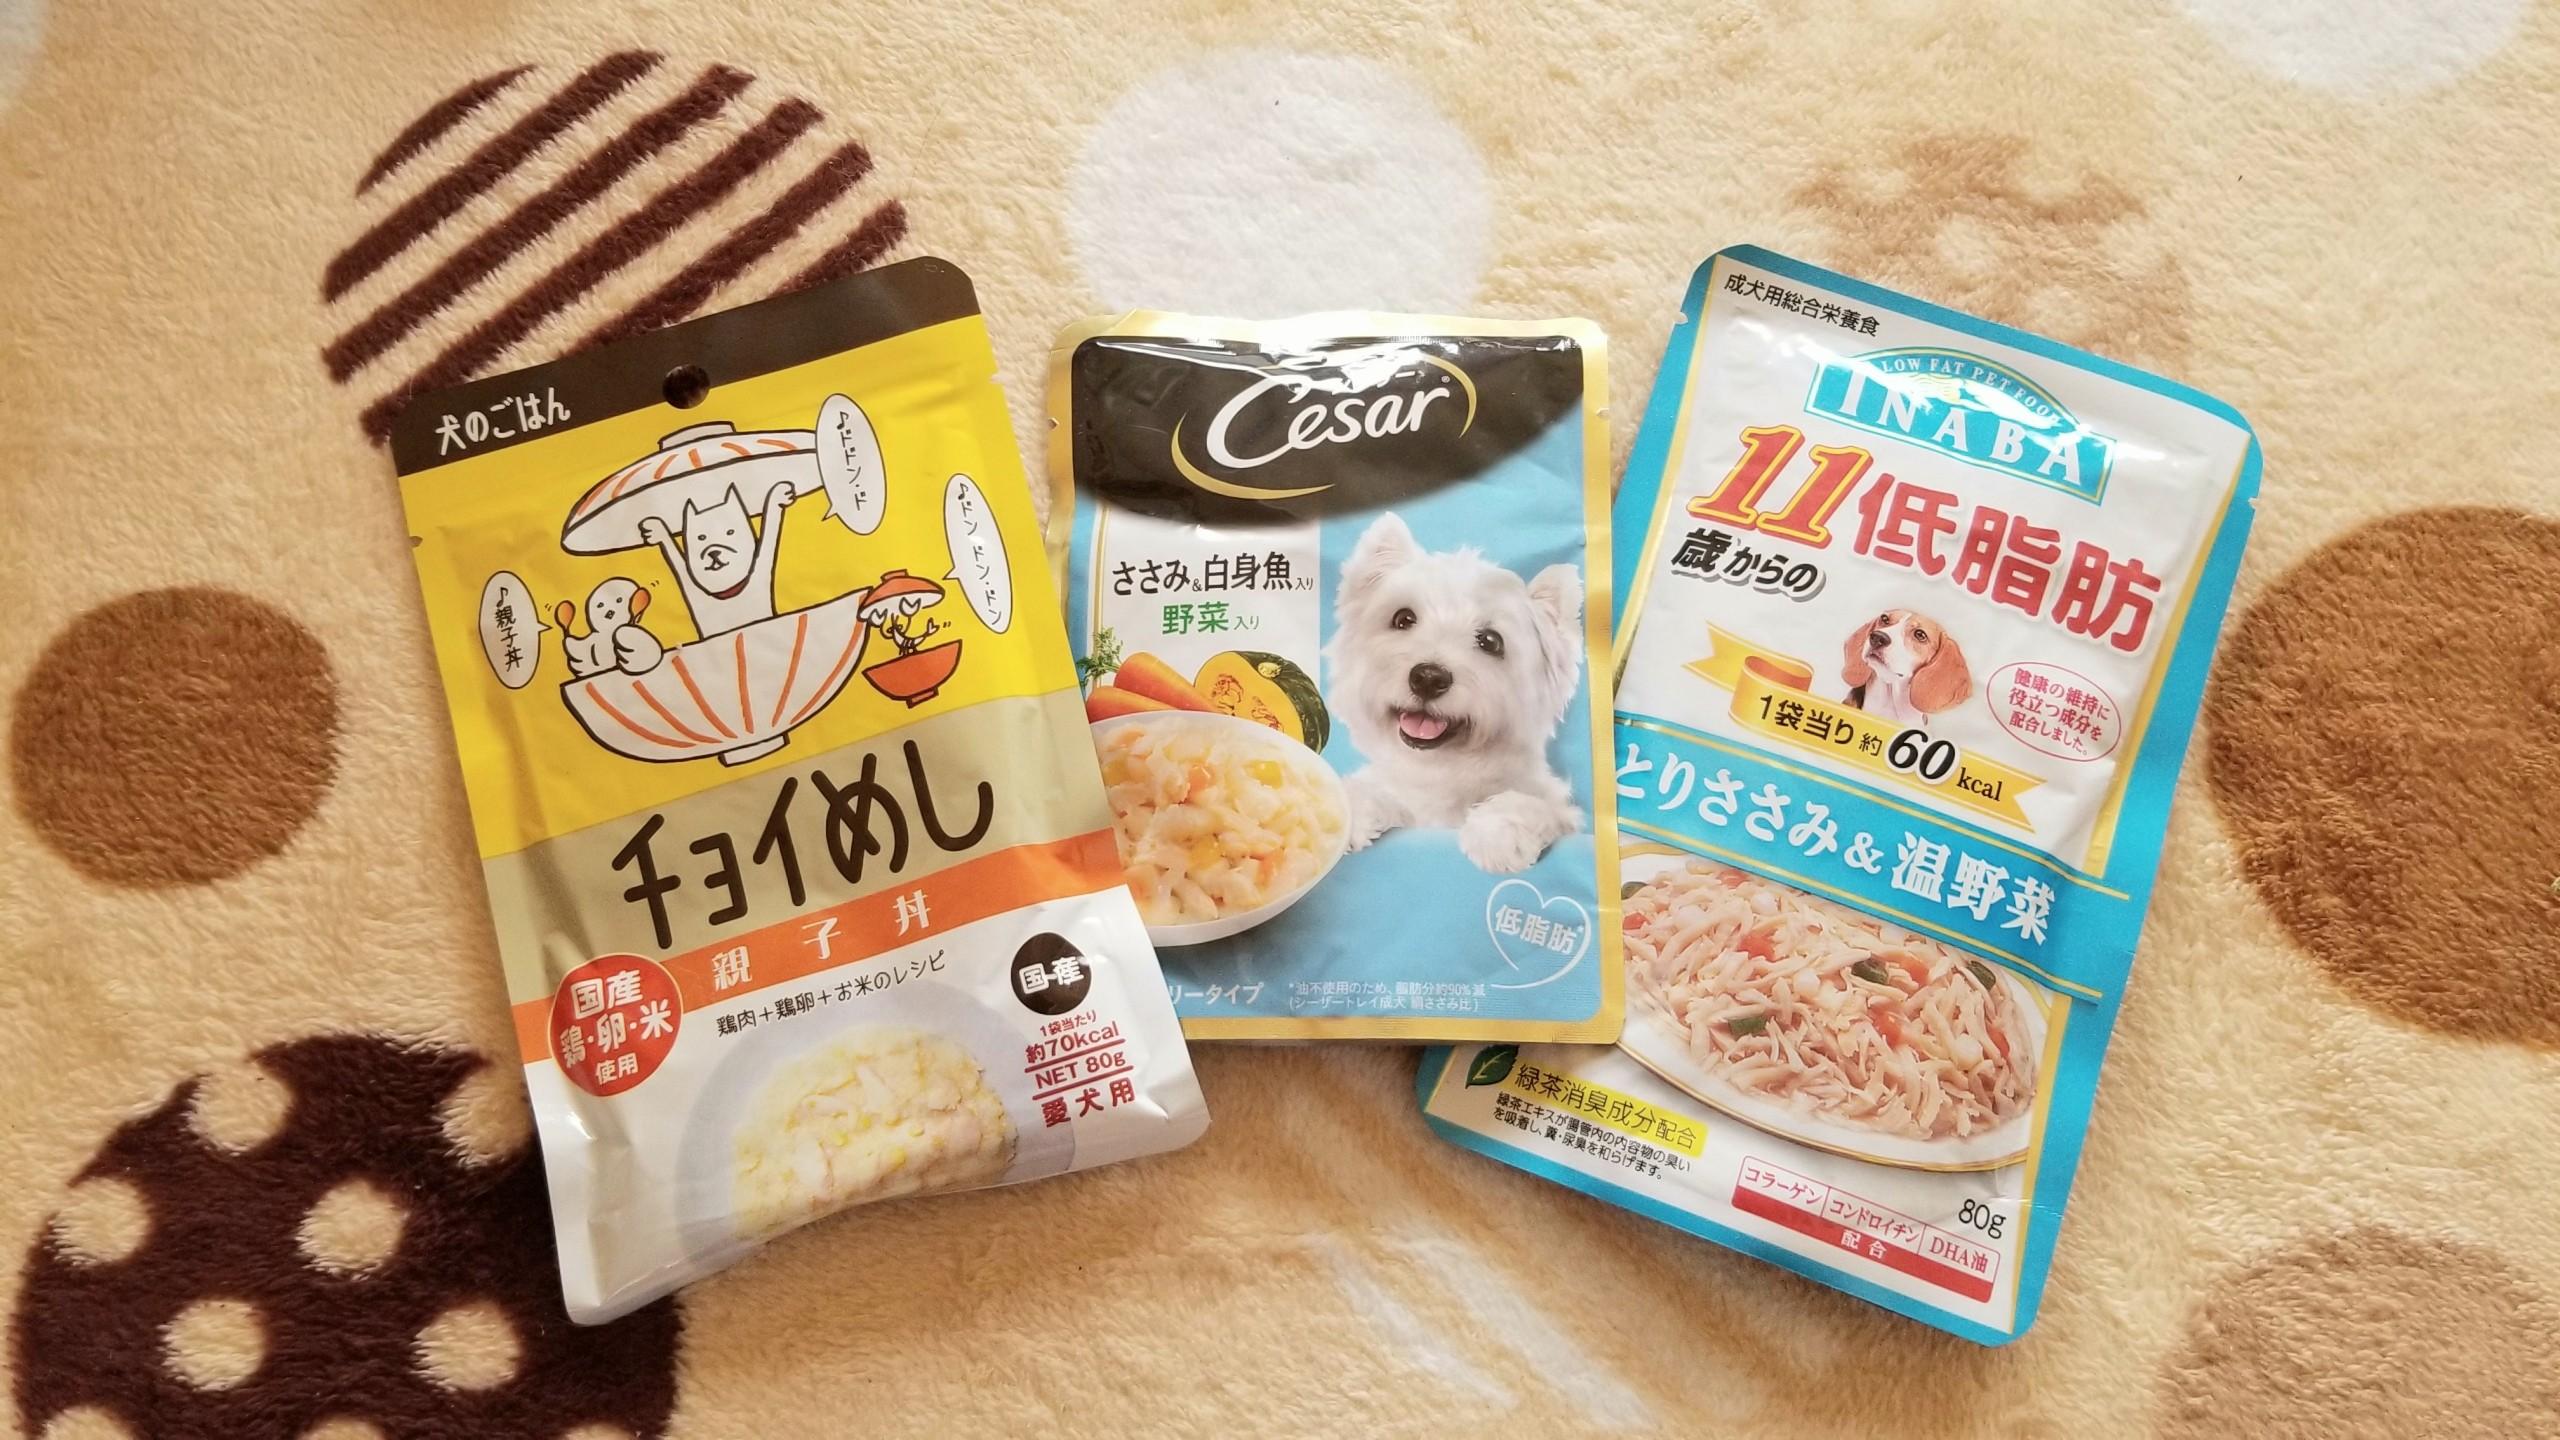 犬ドッグフード餌ご飯食べない心臓病気年齢認知症初期食べ物味覚老化